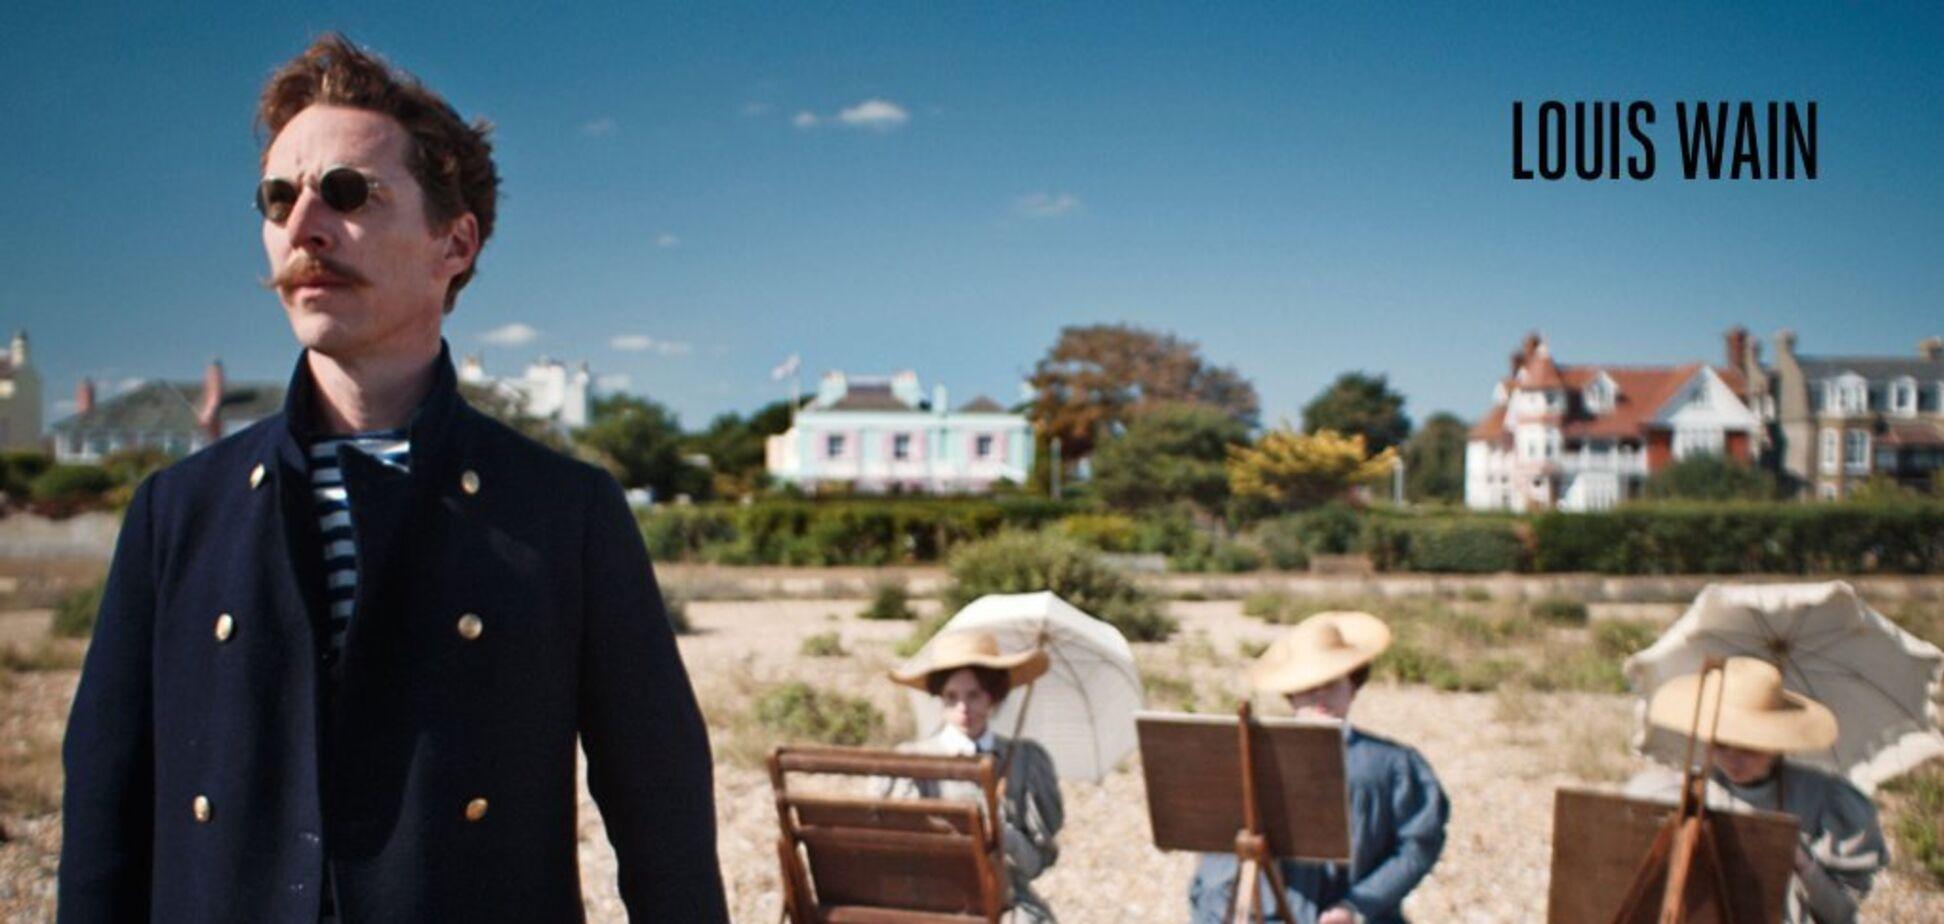 На кінофестивалі у Торонто вперше покажуть фільм 'Всікотики Луїса Вейна' з Камбербетчем: названа дата